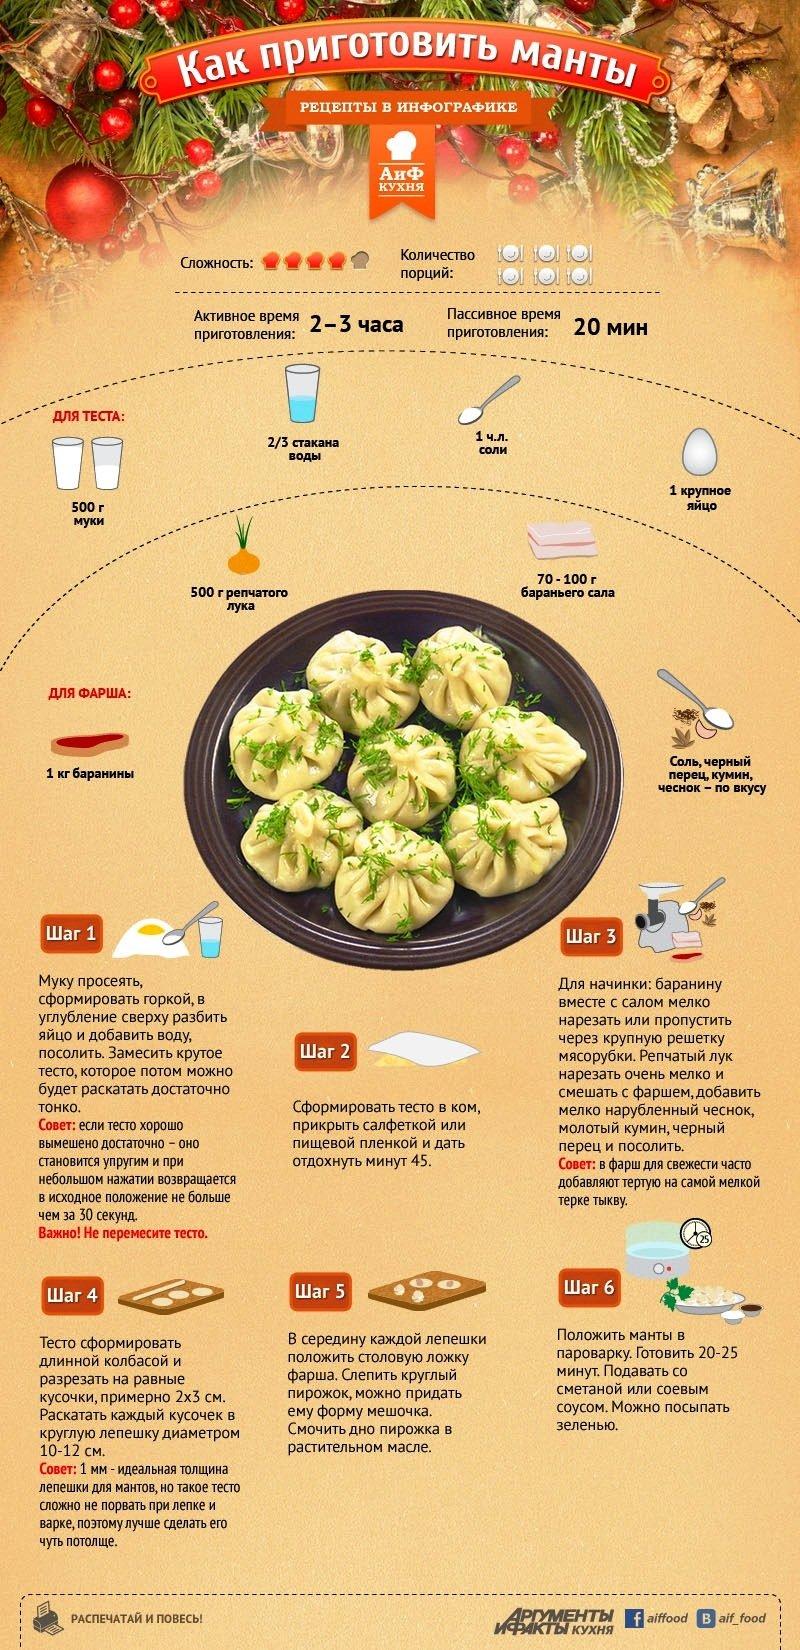 Второе блюдо с курицей рецепт